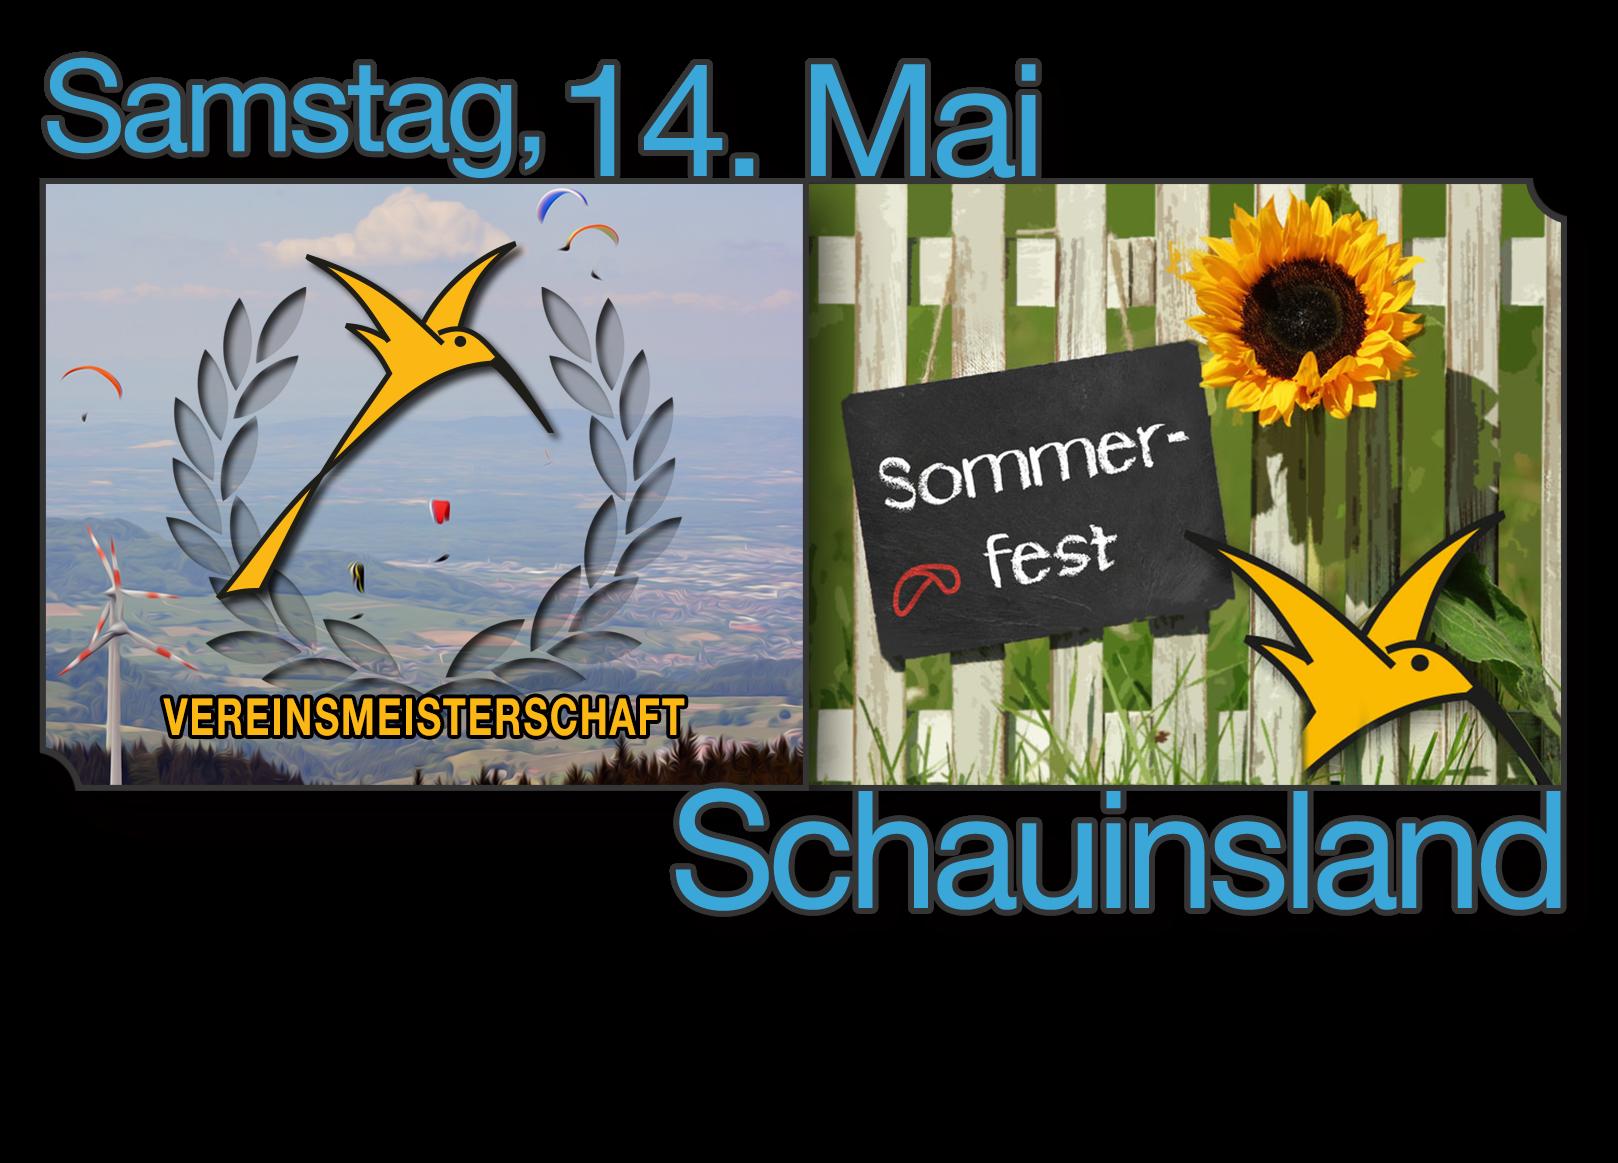 Vereinsmeisterschaft und Sommerfest 2016 (14.05.)